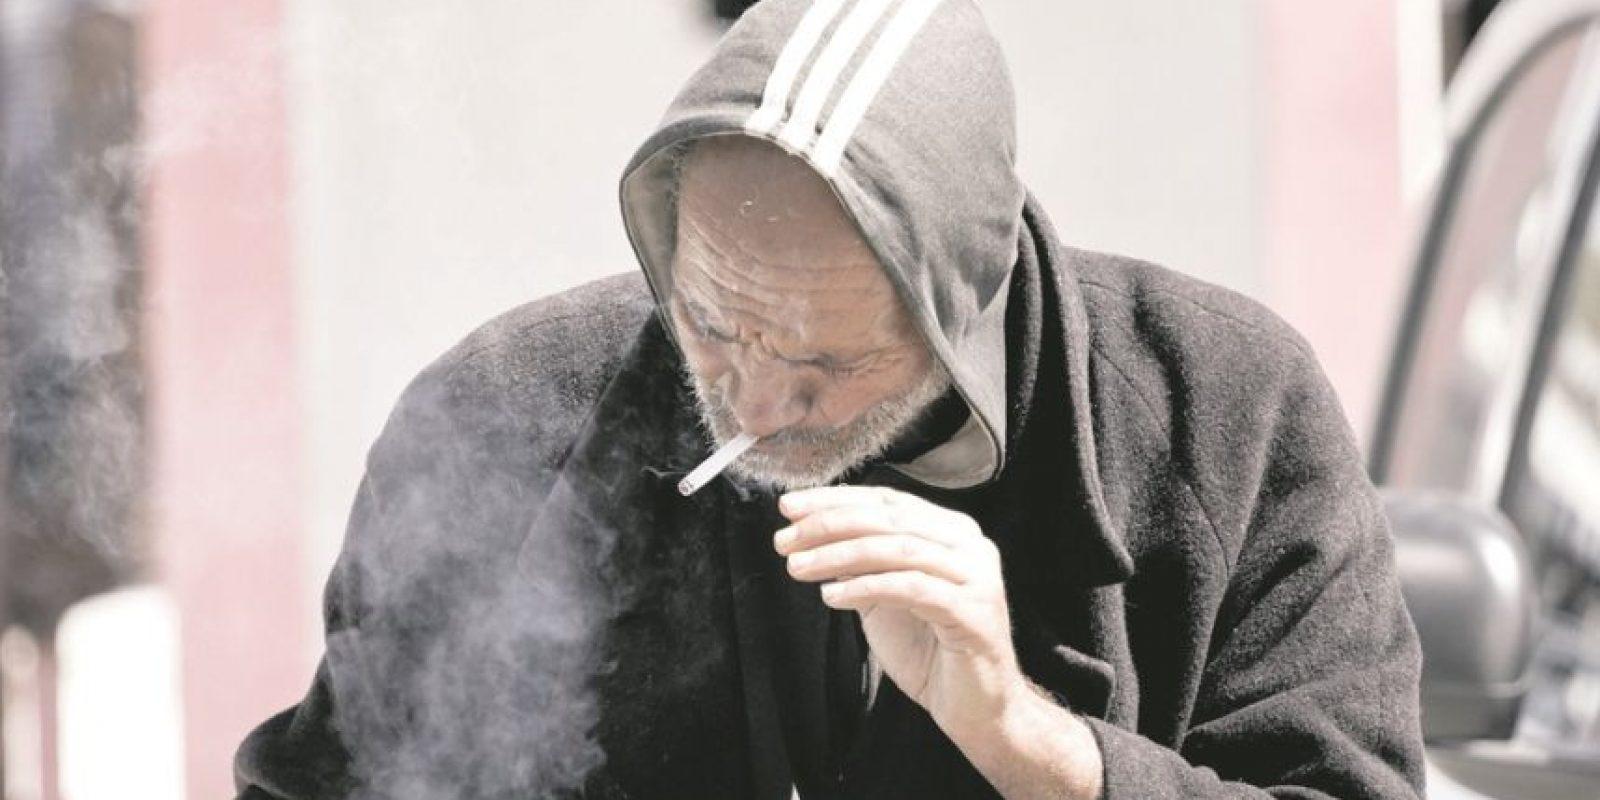 1- Protege tu propia salud. De acuerdo con la Organización Mundial de la Salud, más de cinco millones de muertes directas por año son causadas por el tabaco, que es consumido por más de mil millones de personas en todo el mundo. Las estadísticas confirman que es una de las causas principales de muerte, enfermedad y empobrecimiento. Hay más de 4000 productos químicos en el humo del tabaco, de los cuales al menos 250 son conocidos por ser perjudiciales y más de 50 se sabe que causan cáncer. Foto:Fuente externa